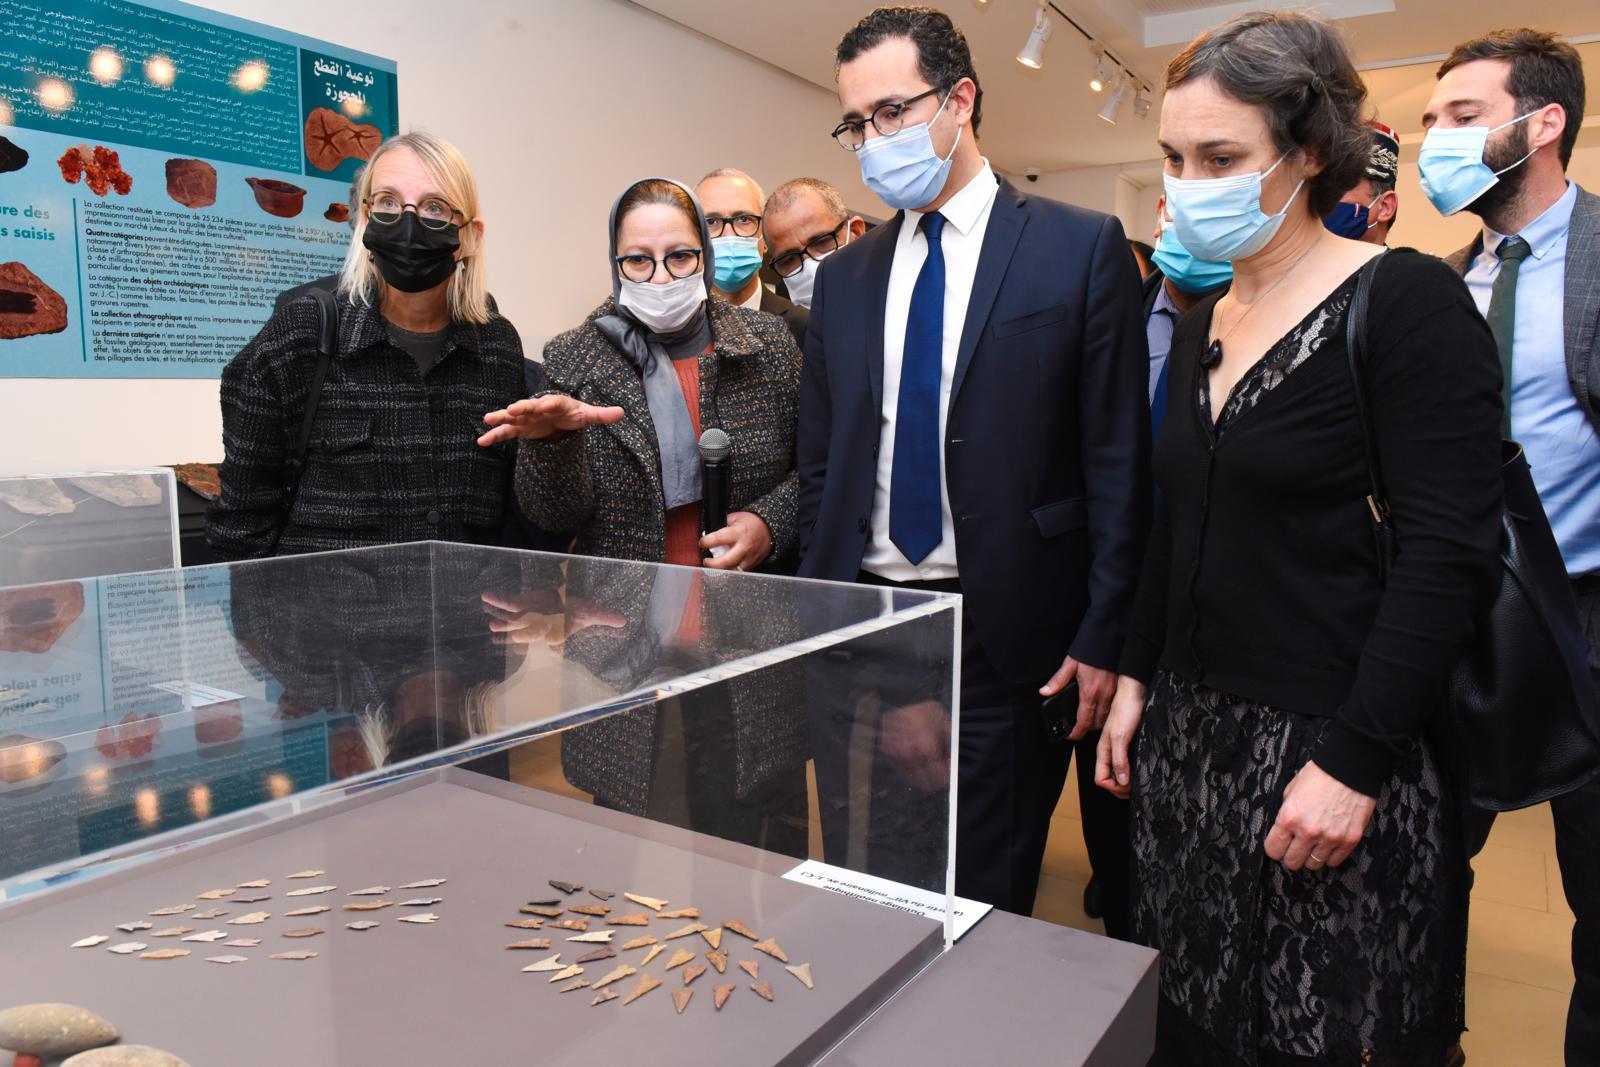 Trafic de pièces archéologiques: arrêter l'hémorragie